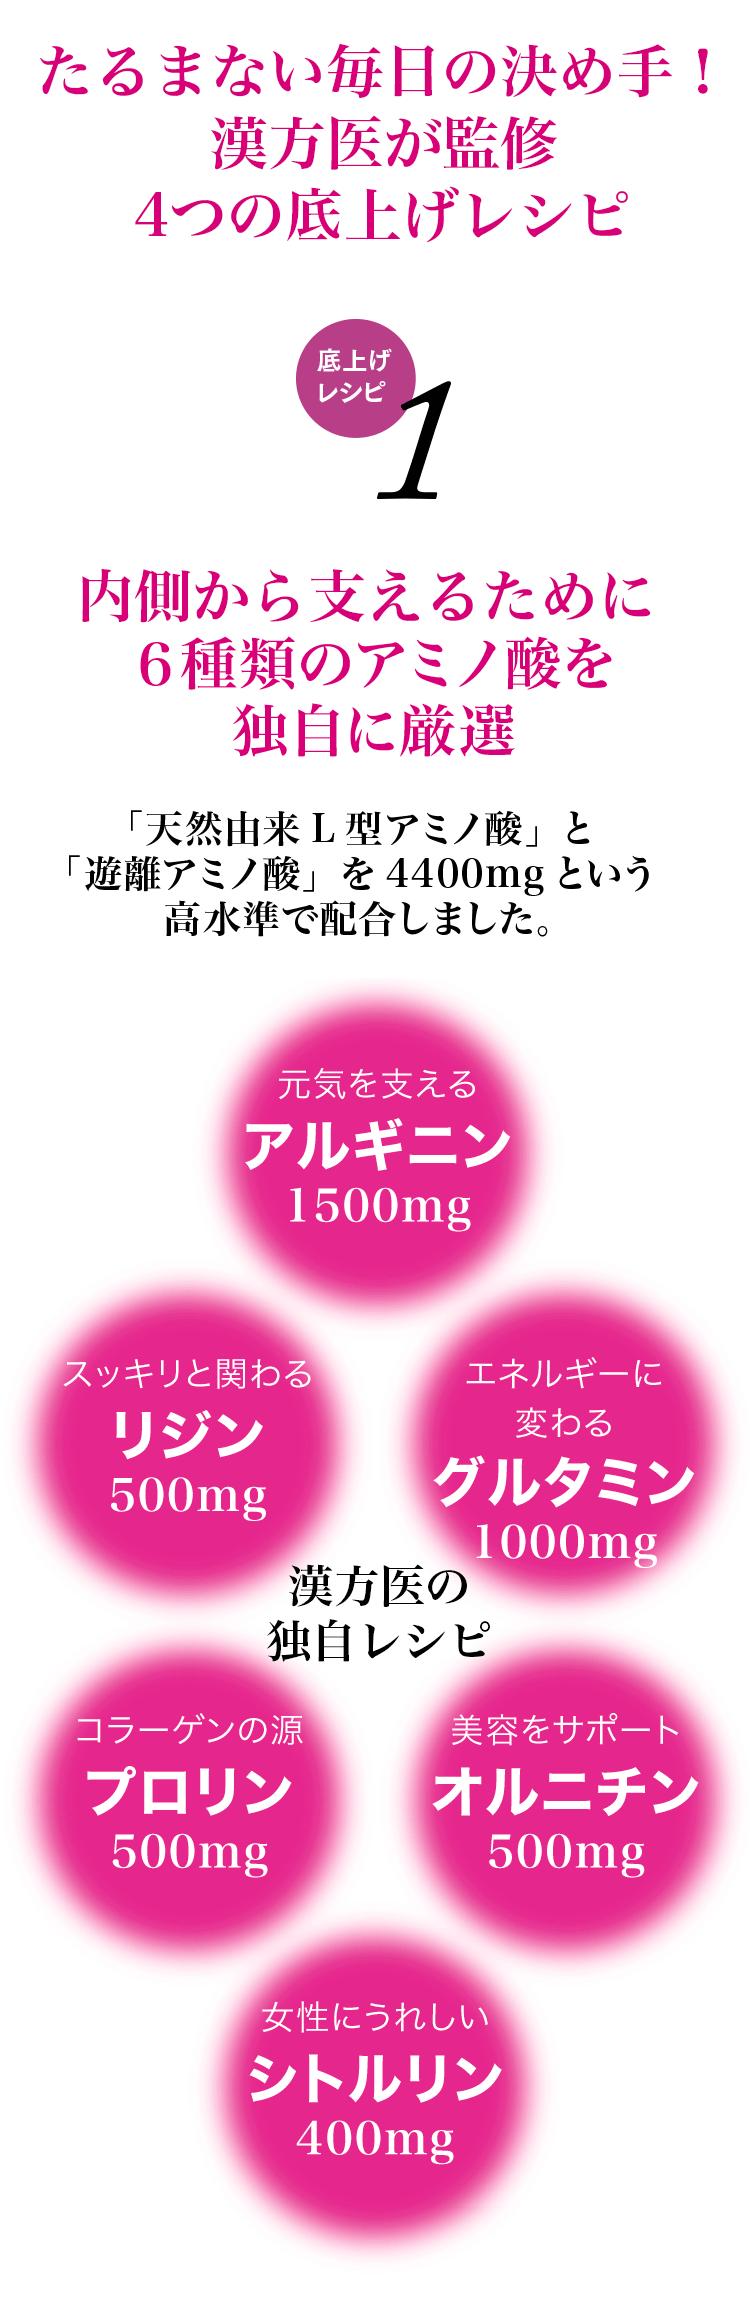 内面を支える6種類のアミノ酸を独自に厳選